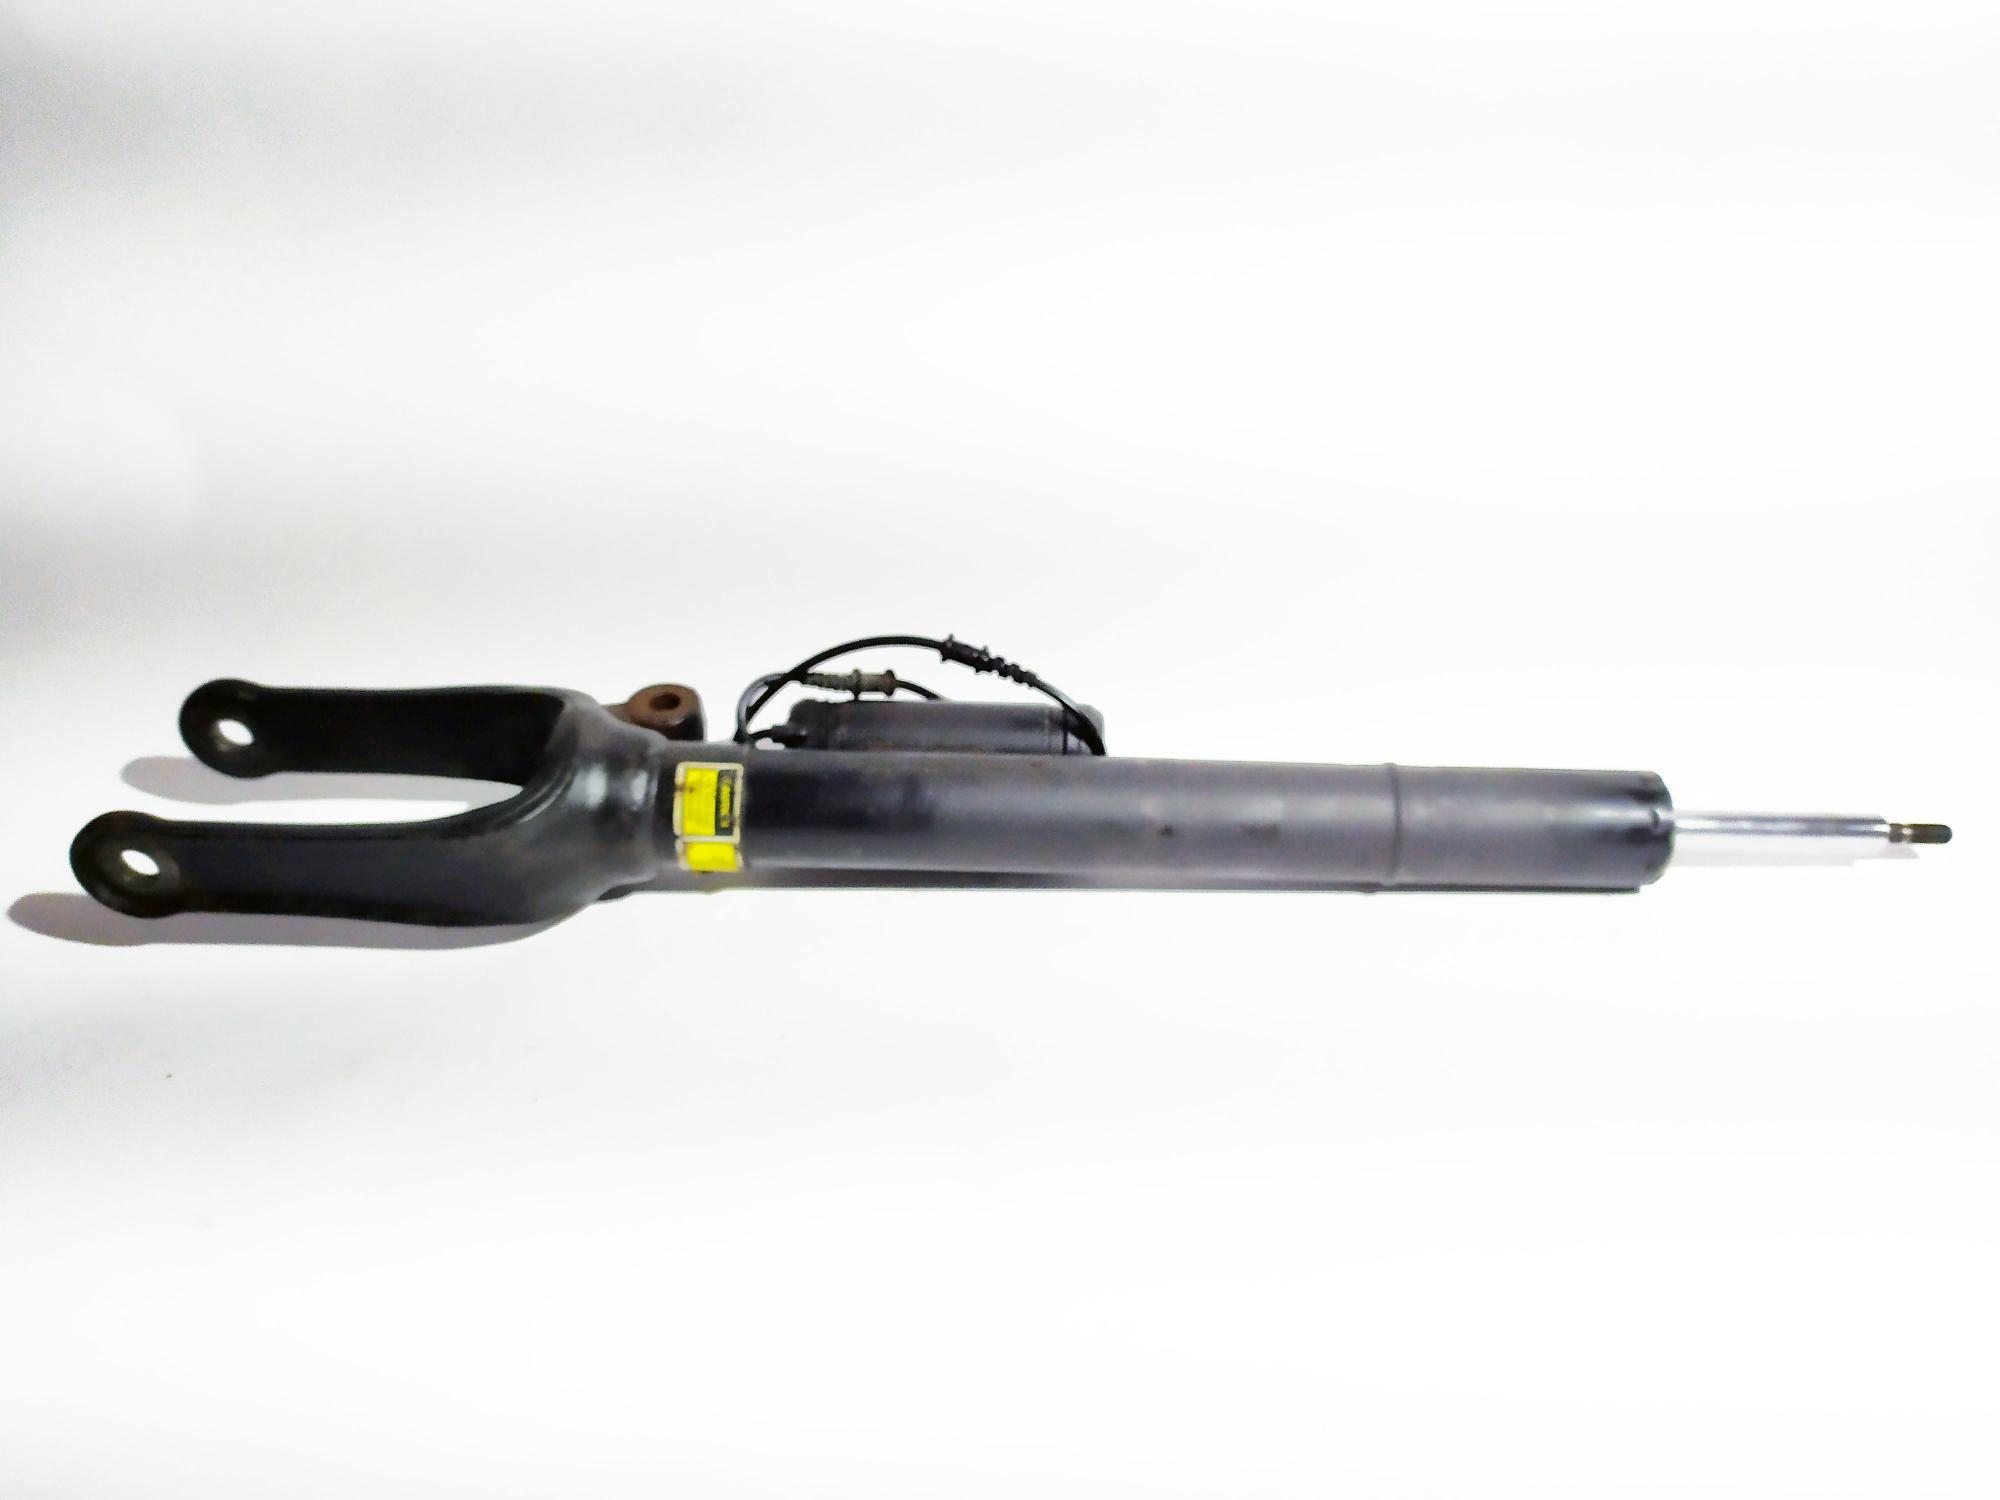 картинка Восстановленный оригинальный передний амортизатор с датчиком ADS для Mercedes W164 ML / GL (A1643204313) от магазина пневмоподвески ПневмоМаркет